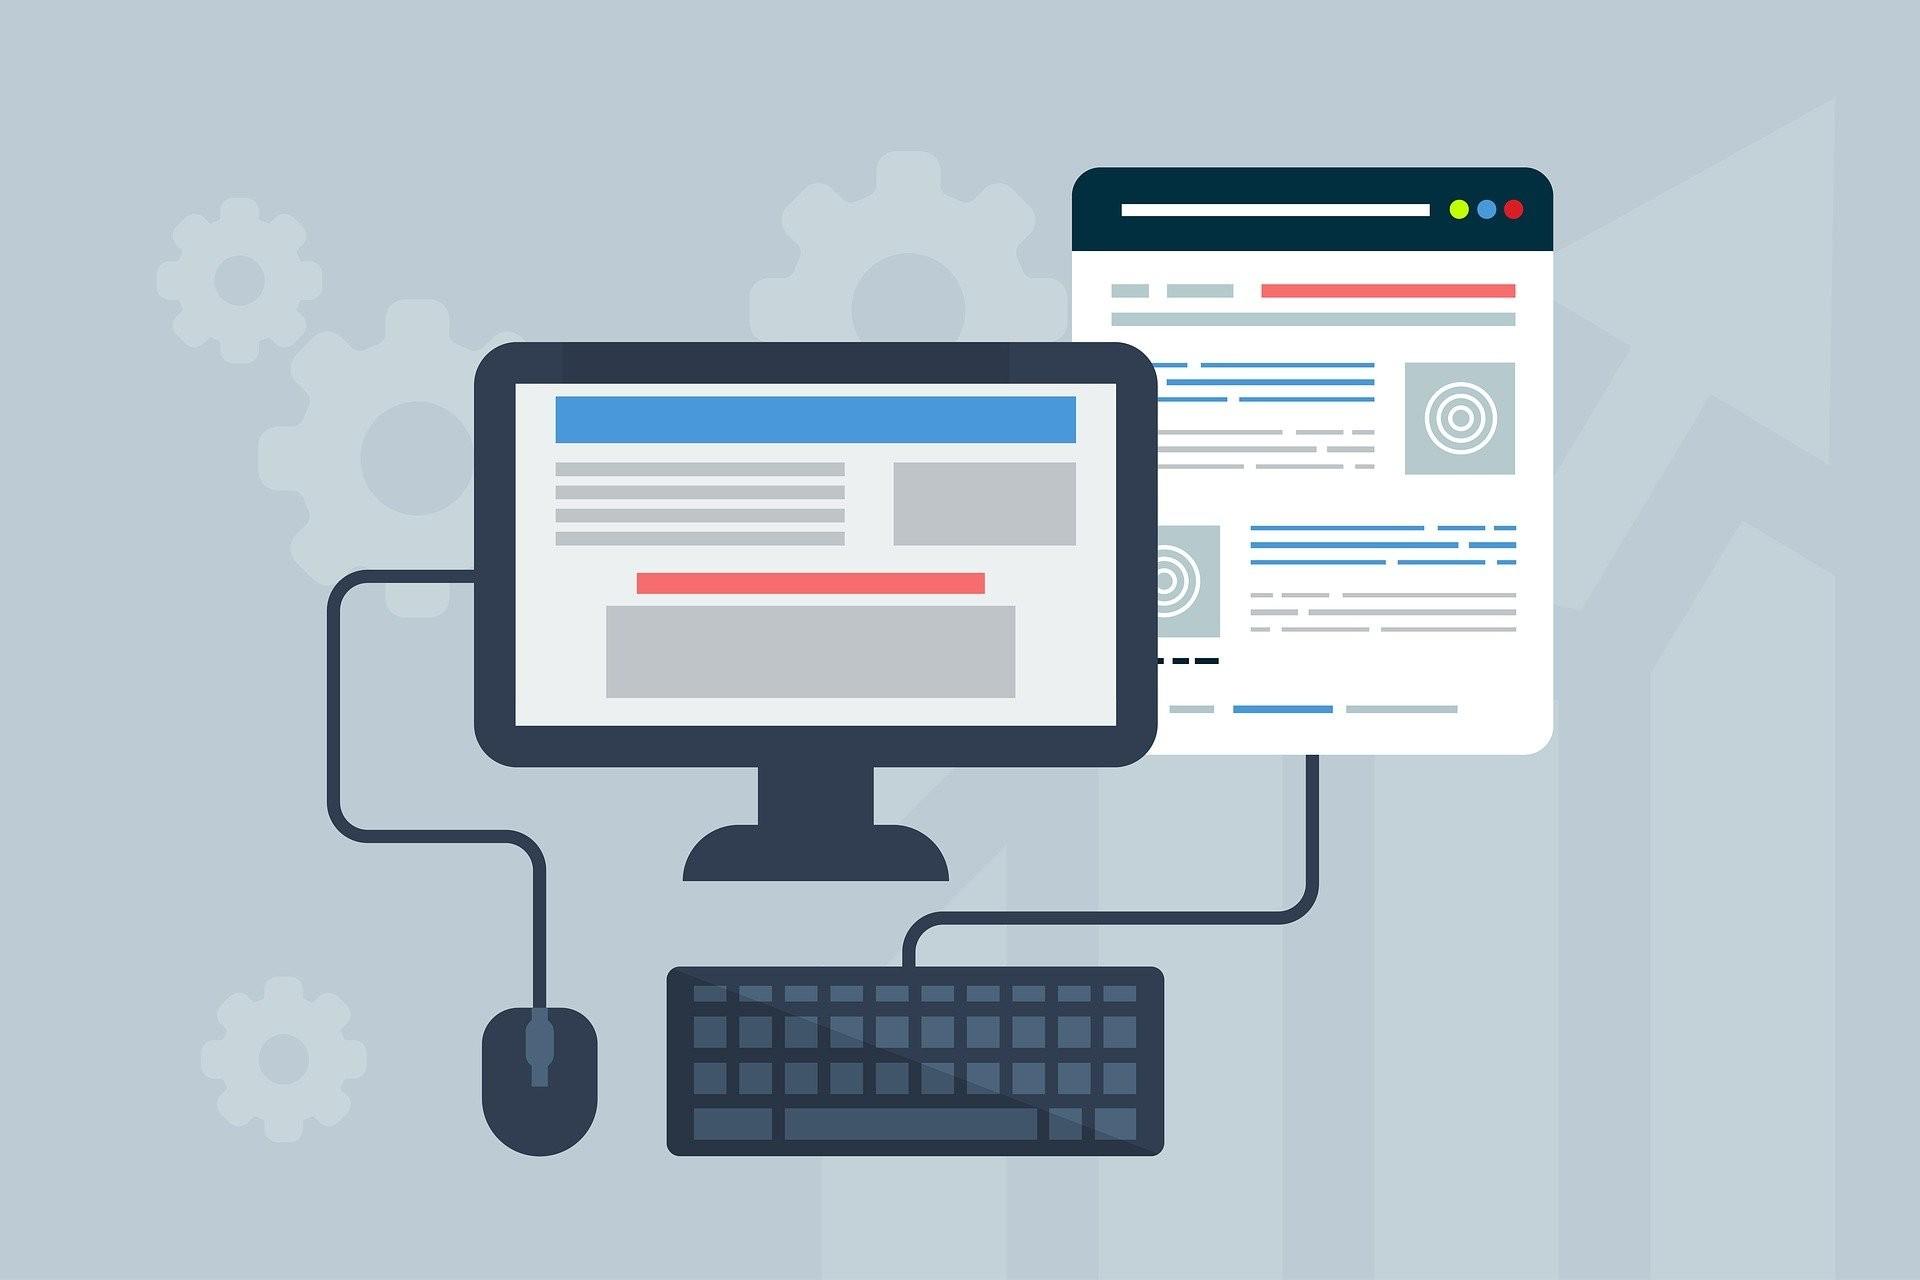 HappyWeb.ro | Dezvoltare web | Site de prezentare | Design web, dezvoltare web, marketing online